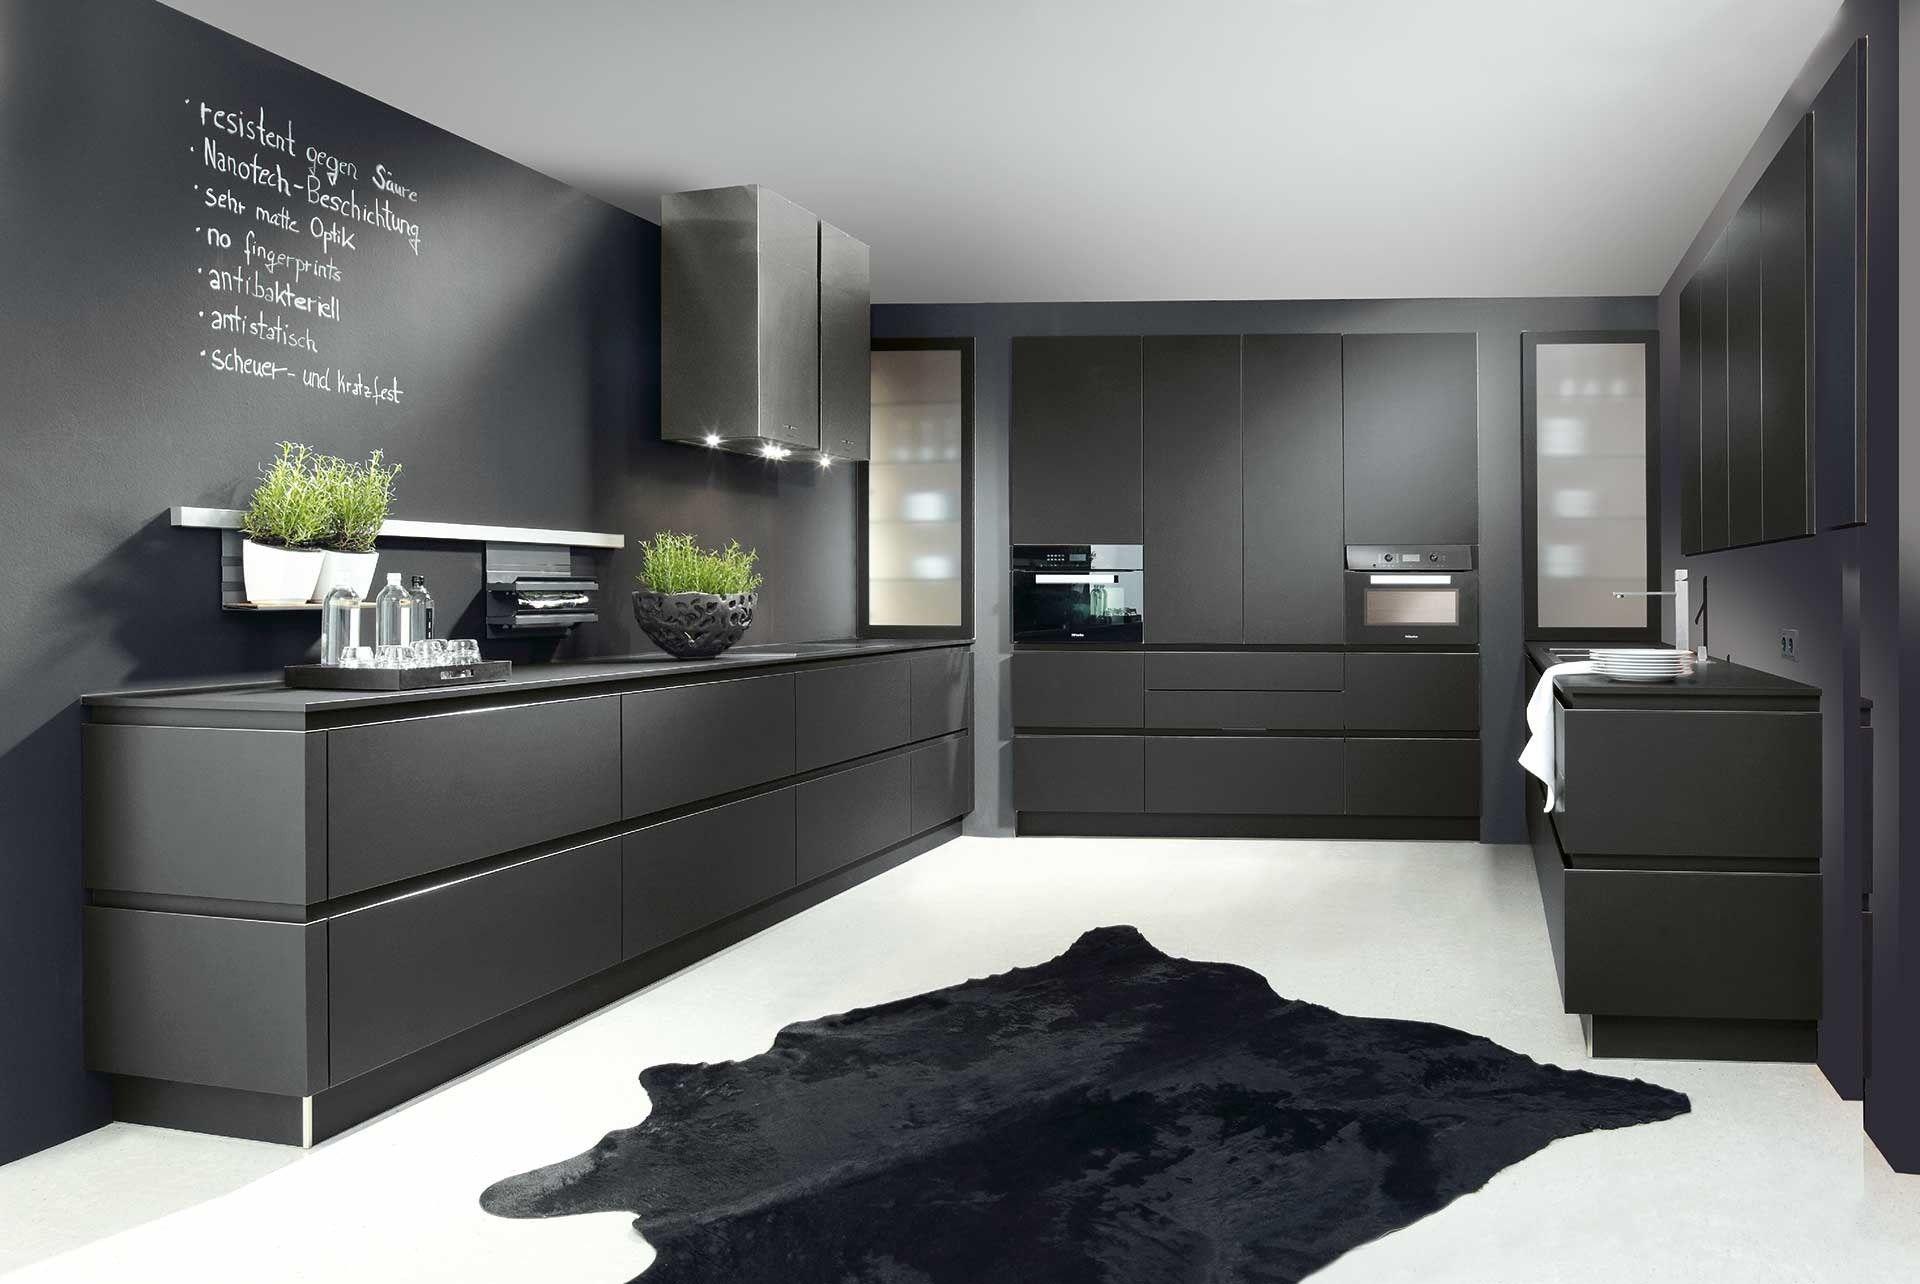 Greeploze moderne keuken in antraciet deze donkere keuken met